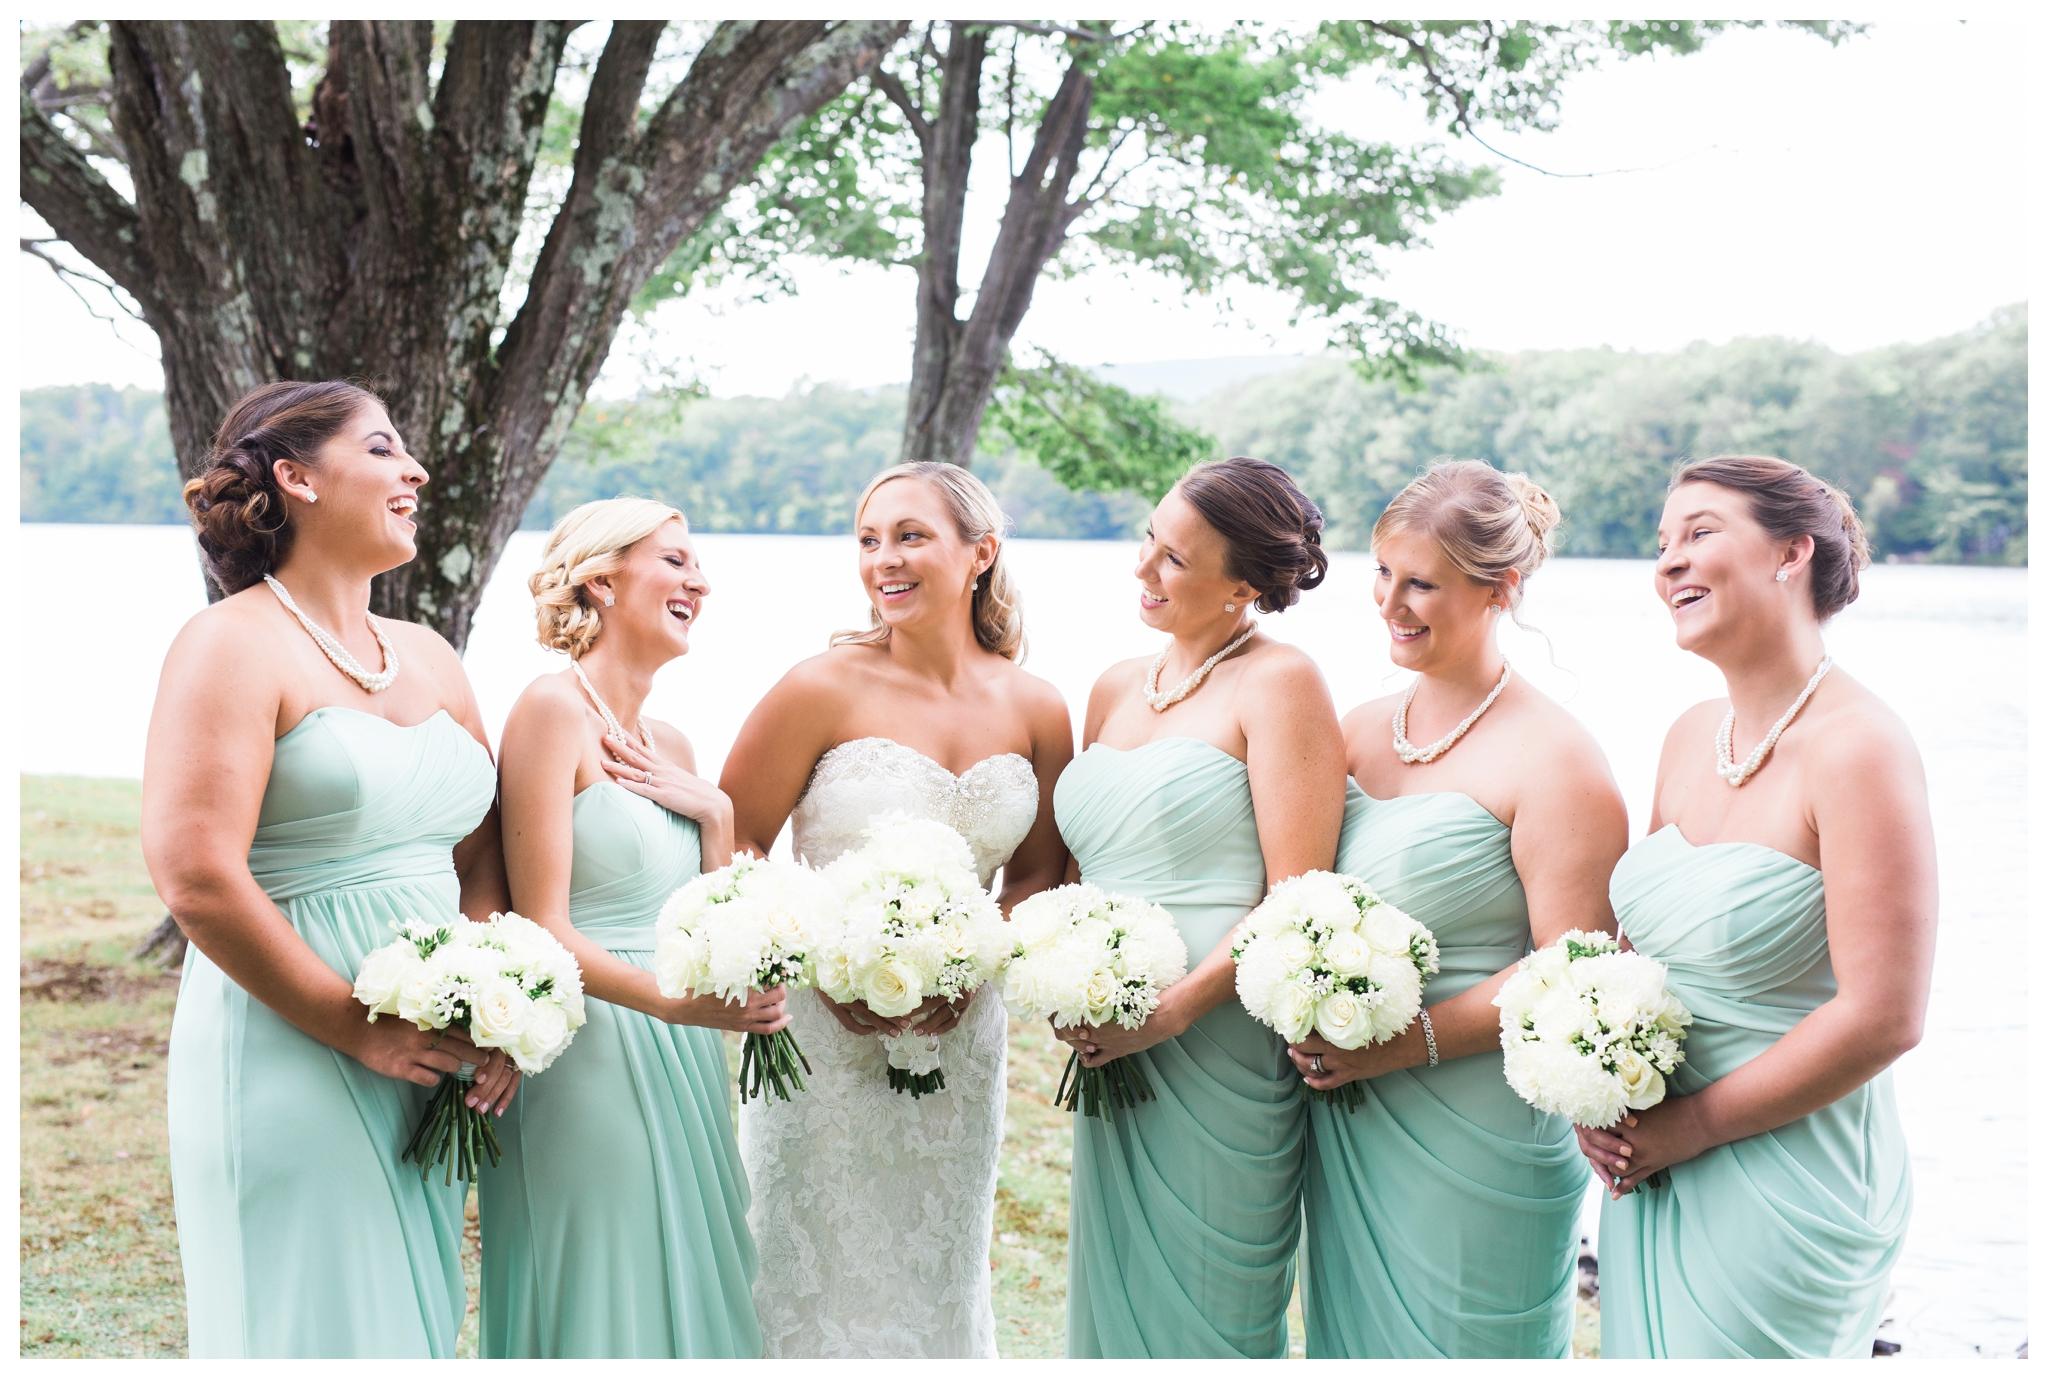 lodge-at-mountain-springs-lake-wedding_0010.jpg